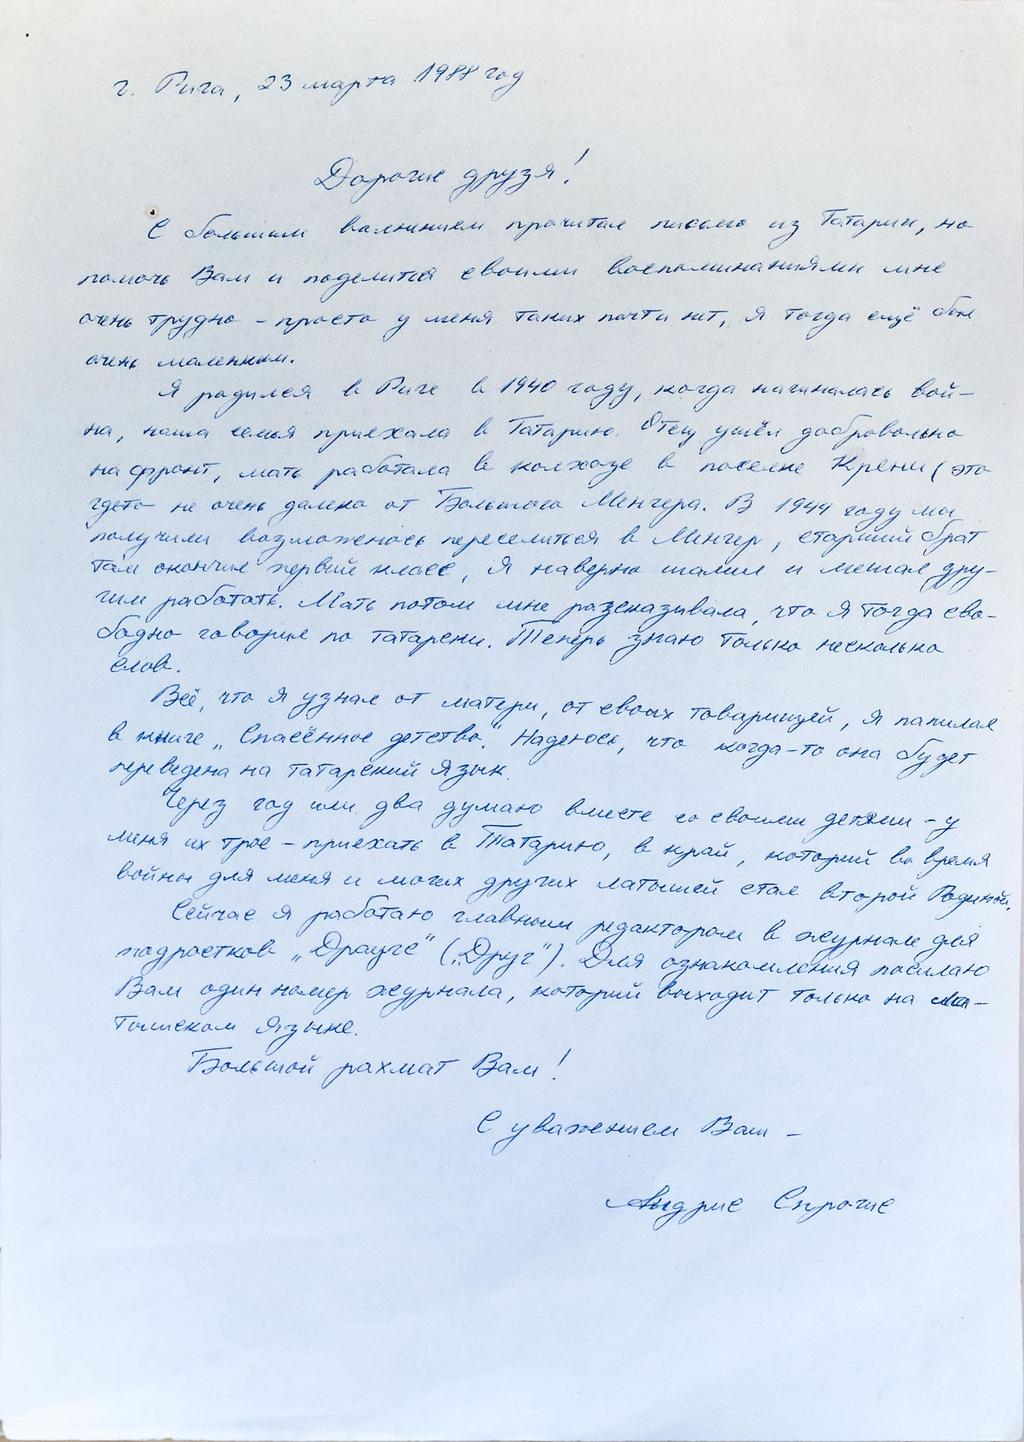 Письмо Андреса Спрогиса жителям села Большой Менгер. Рига. 2 марта 1988 года   Андрес Спрогис в годы войны была эвакуирован в Большой Менгер из Латвии. ©Tatfrontu.ru Photo Archive